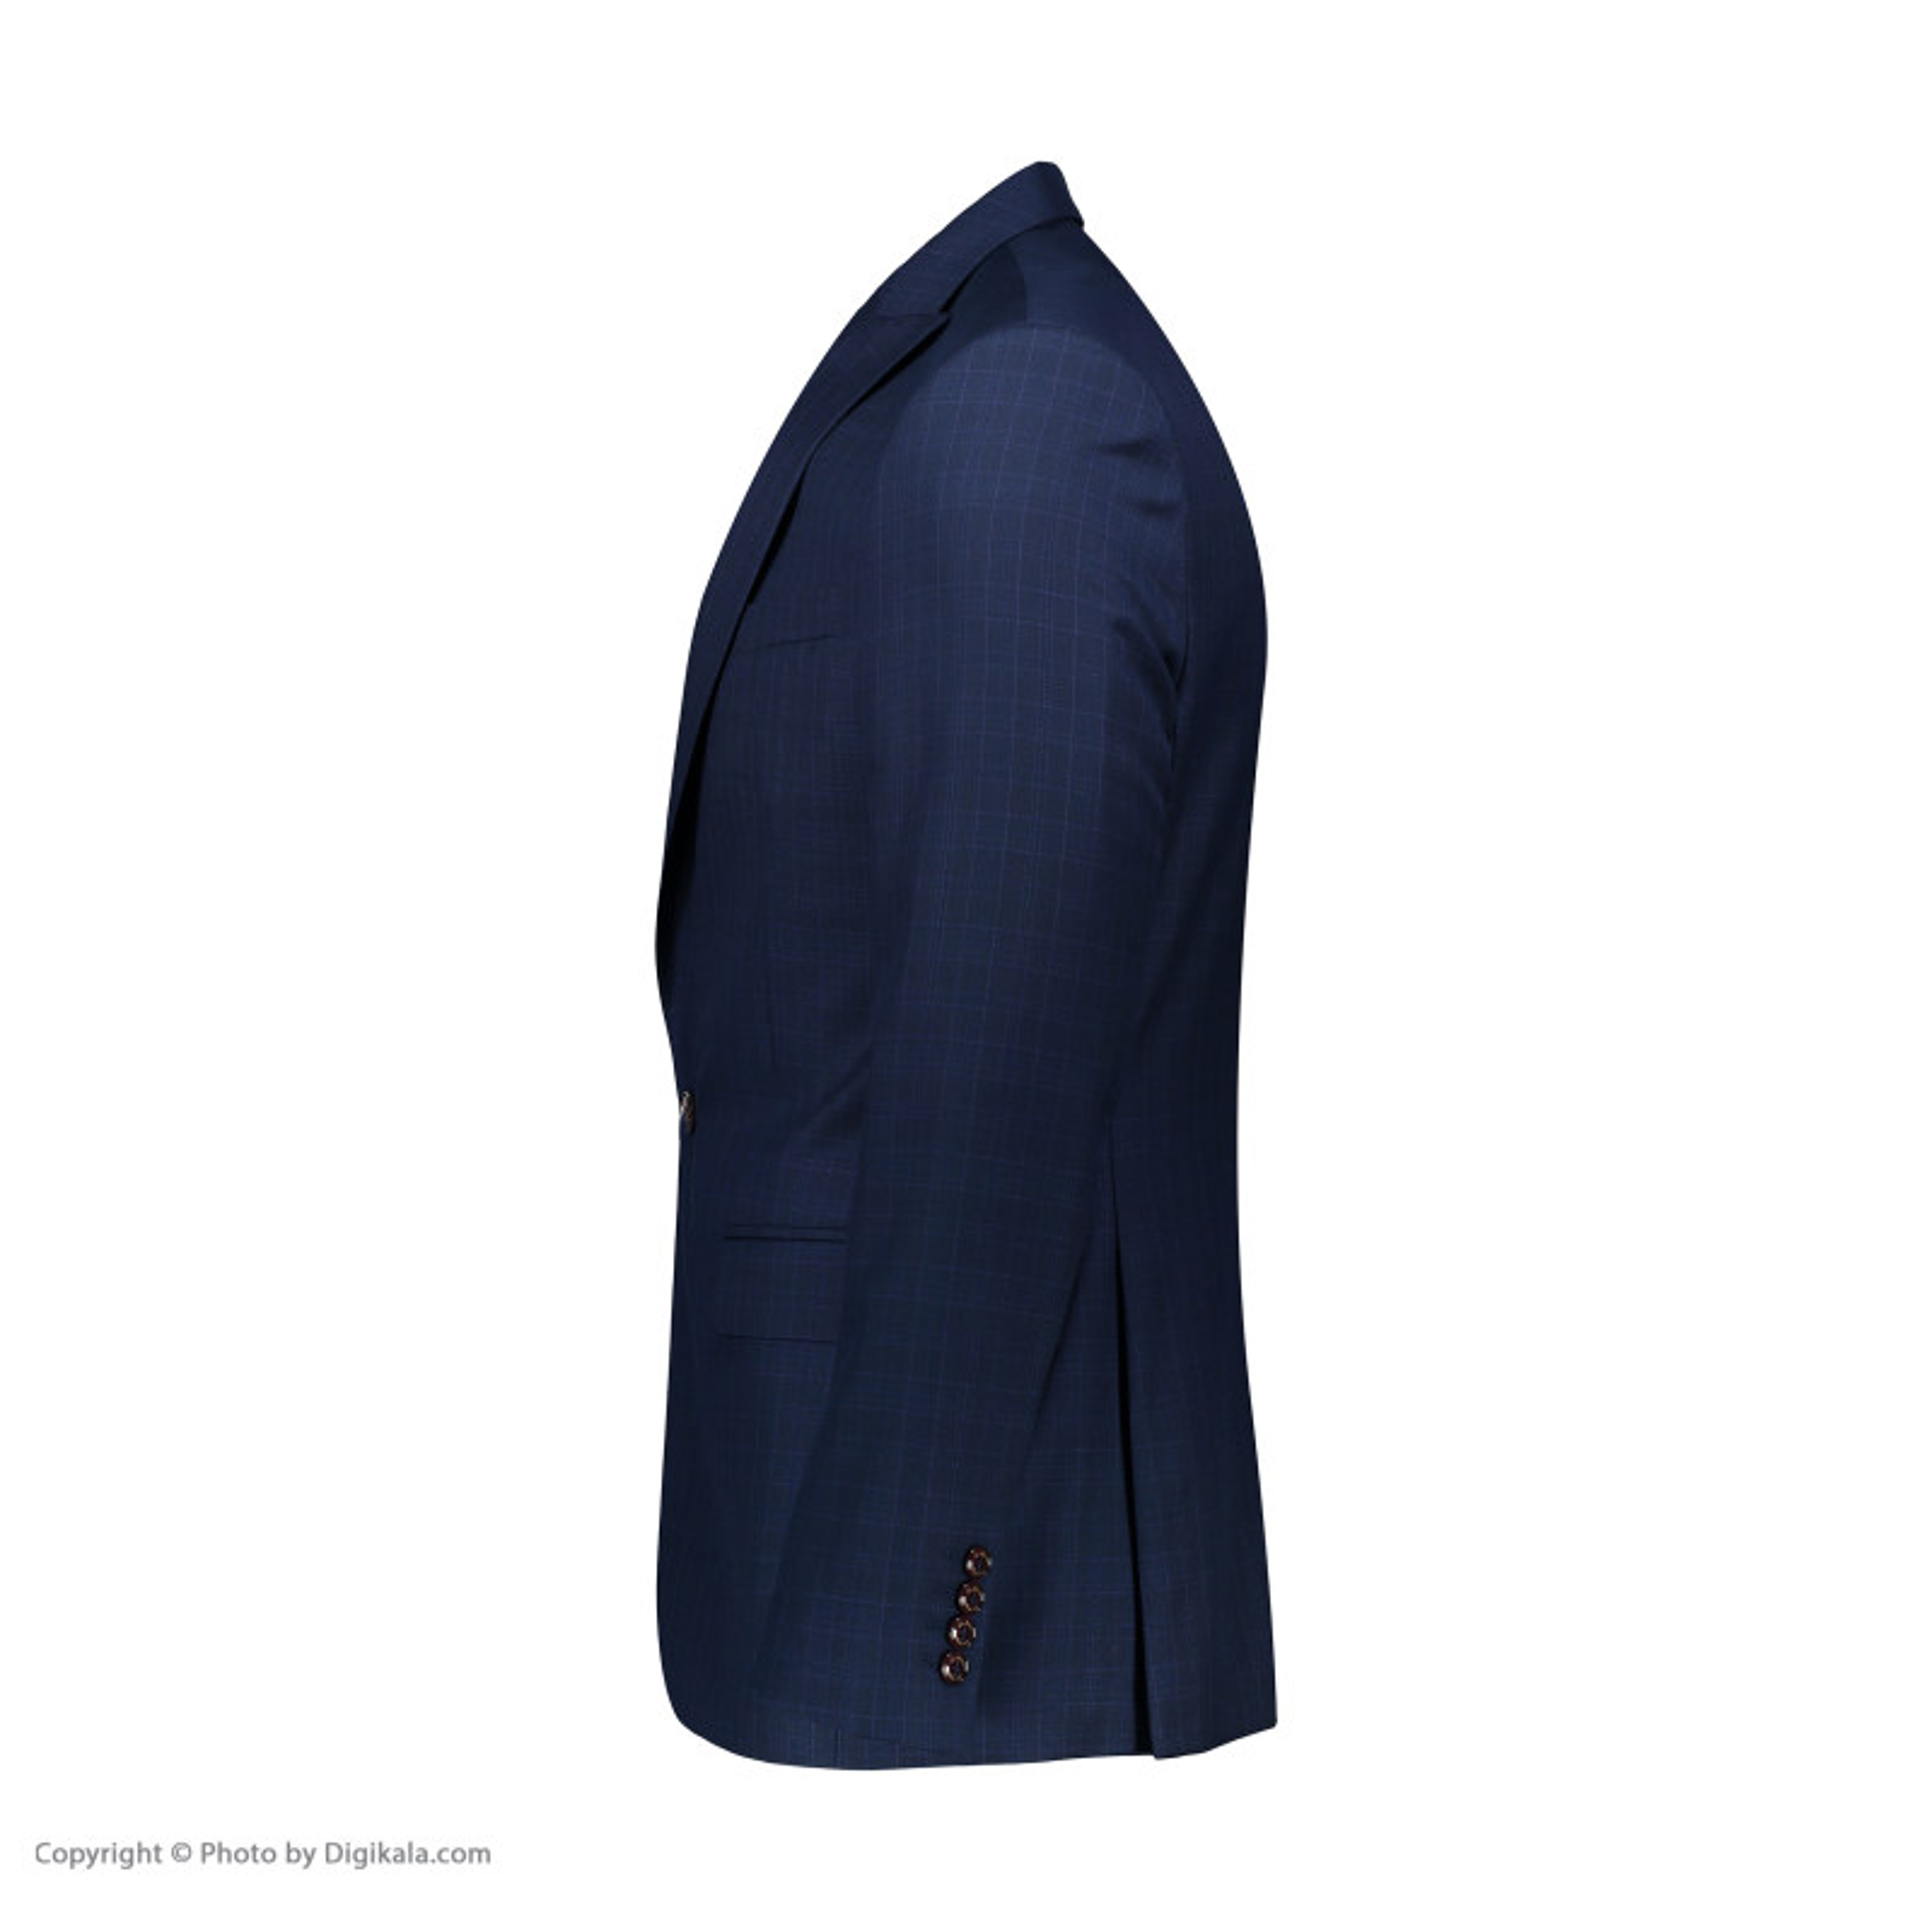 کت تک مردانه ال سی من مدل 07325406-168